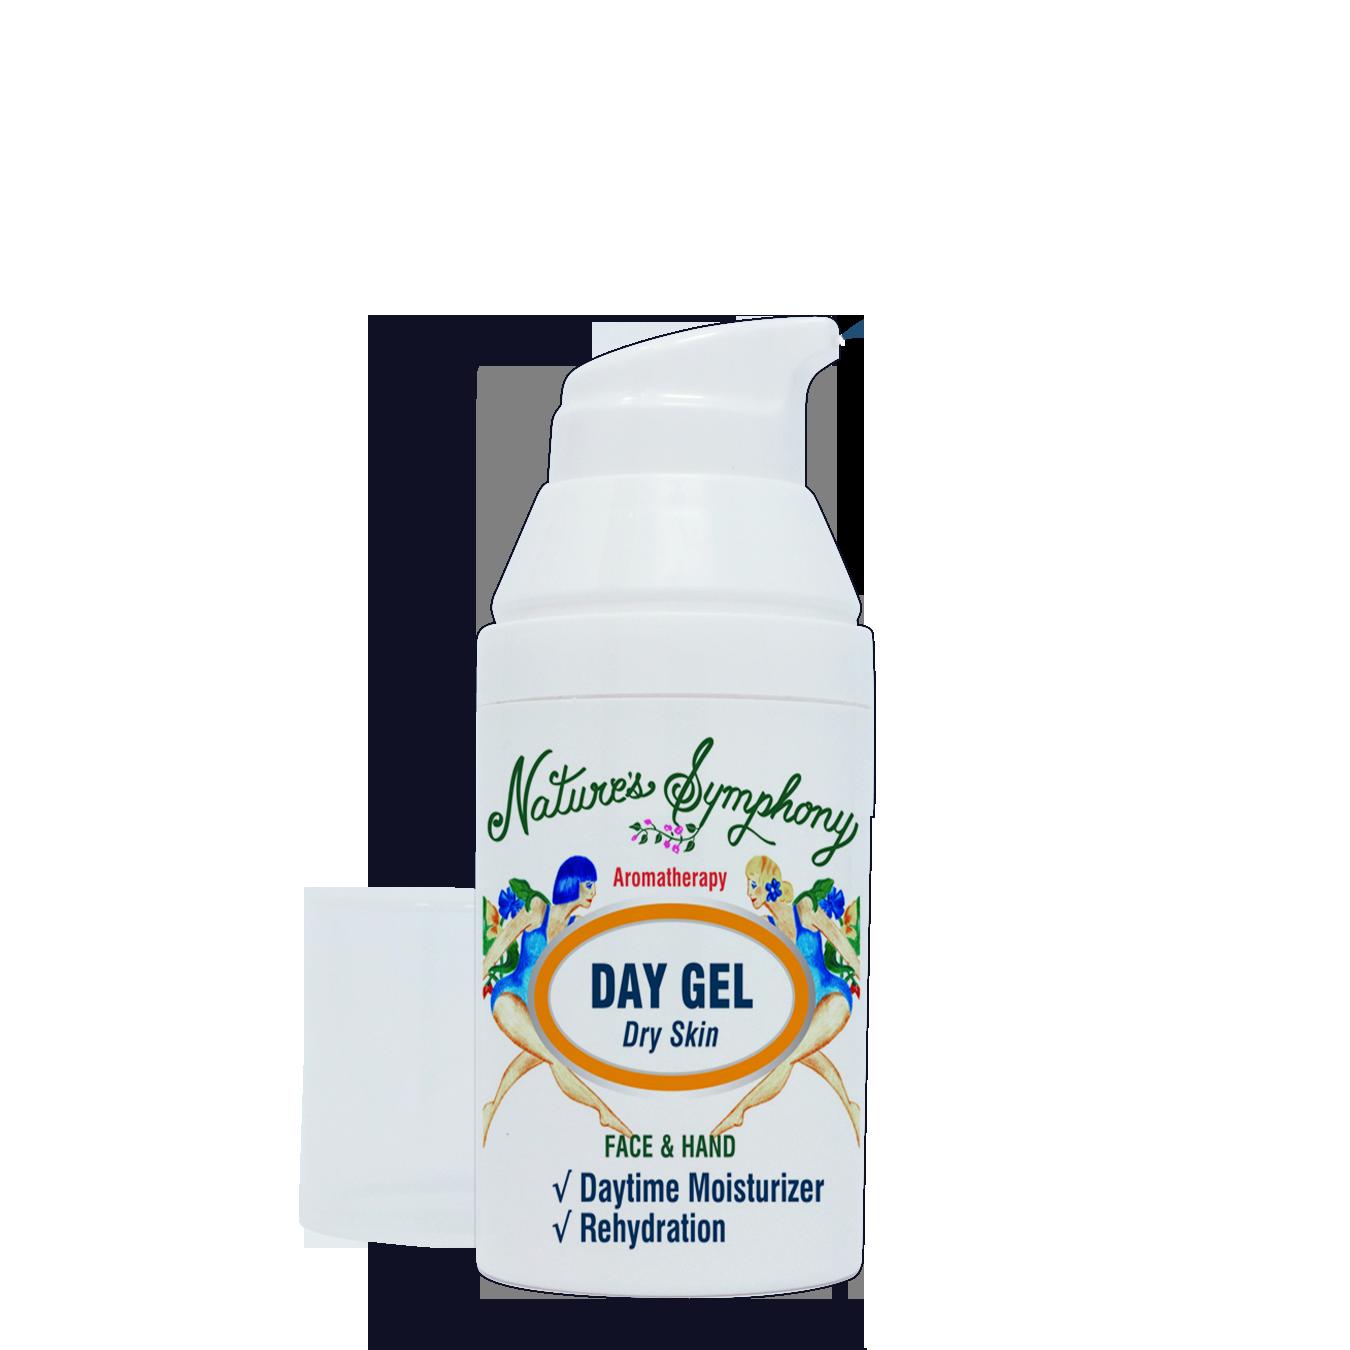 Organic - Day Gel, Dry Skin - 1 fl. oz. (30ml)